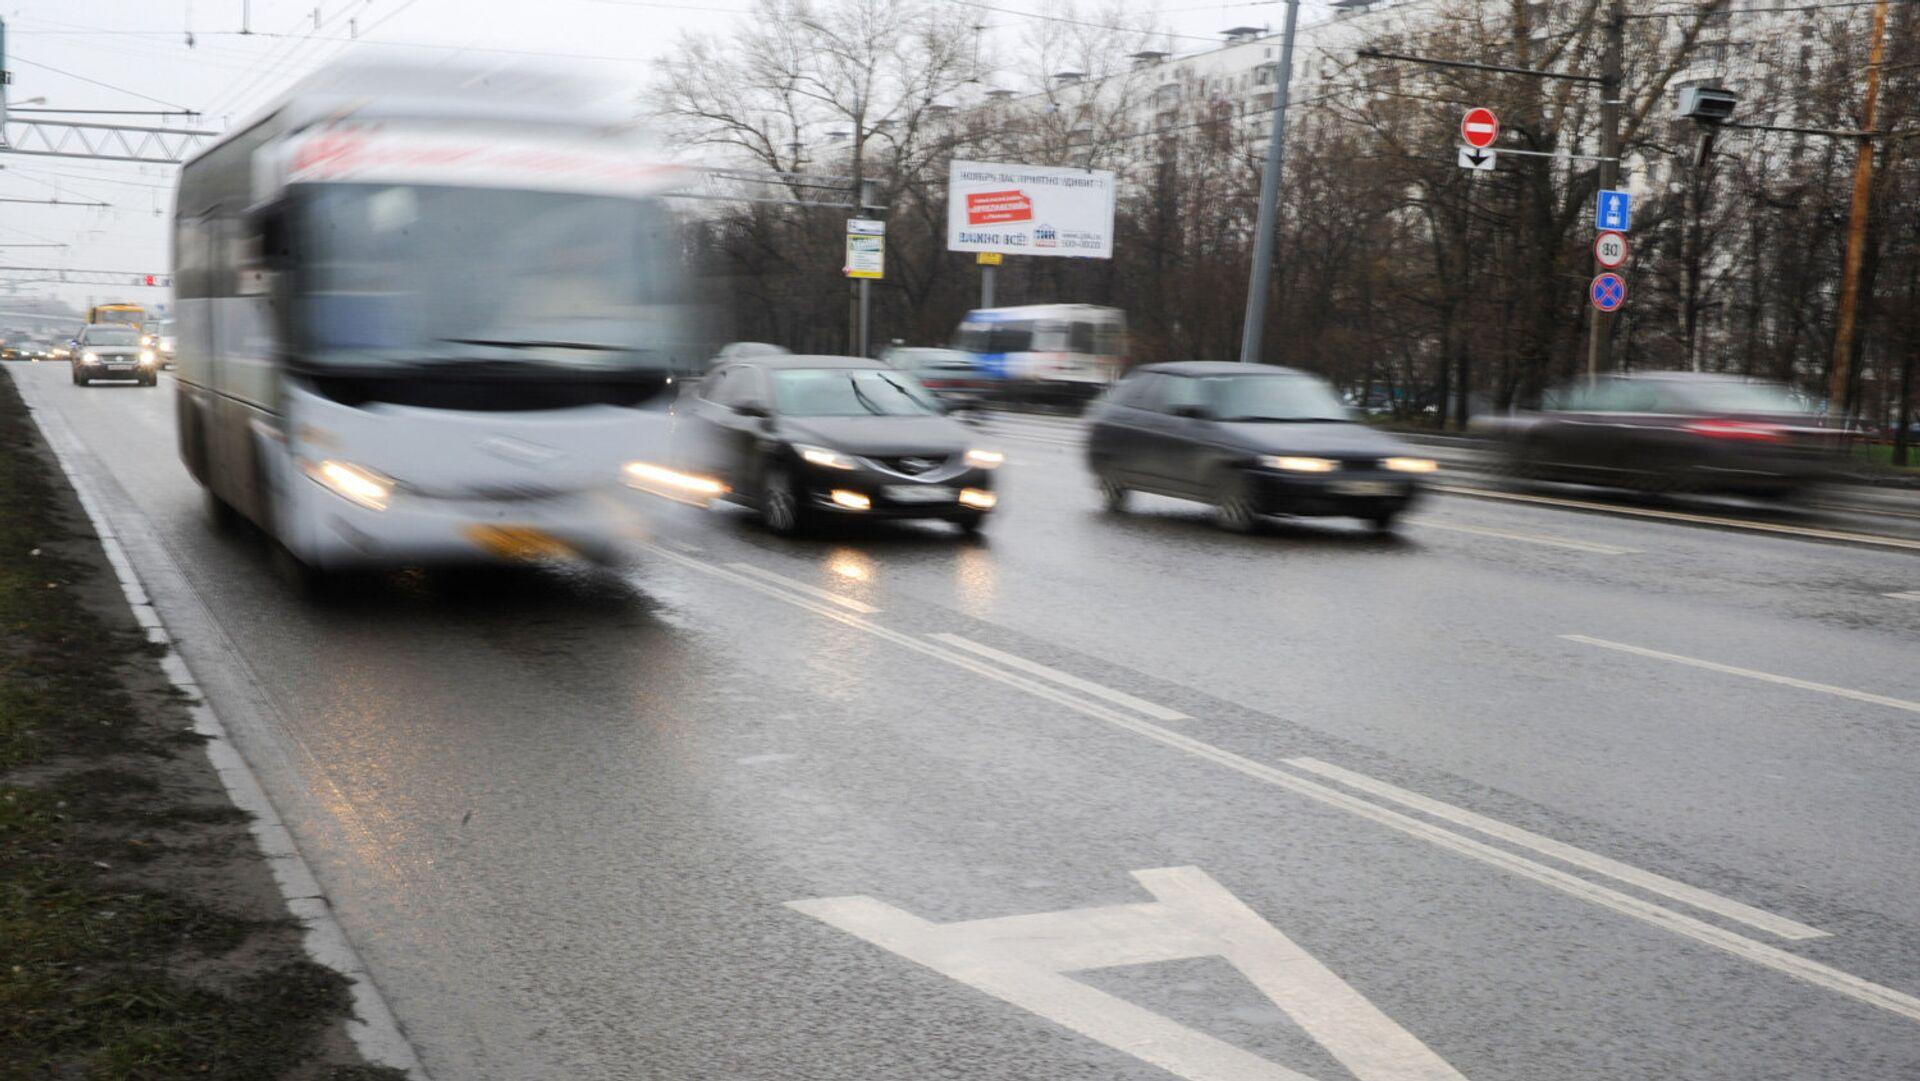 Челябинск планирует перевести автобусы на природный газ - РИА Новости, 1920, 08.02.2021